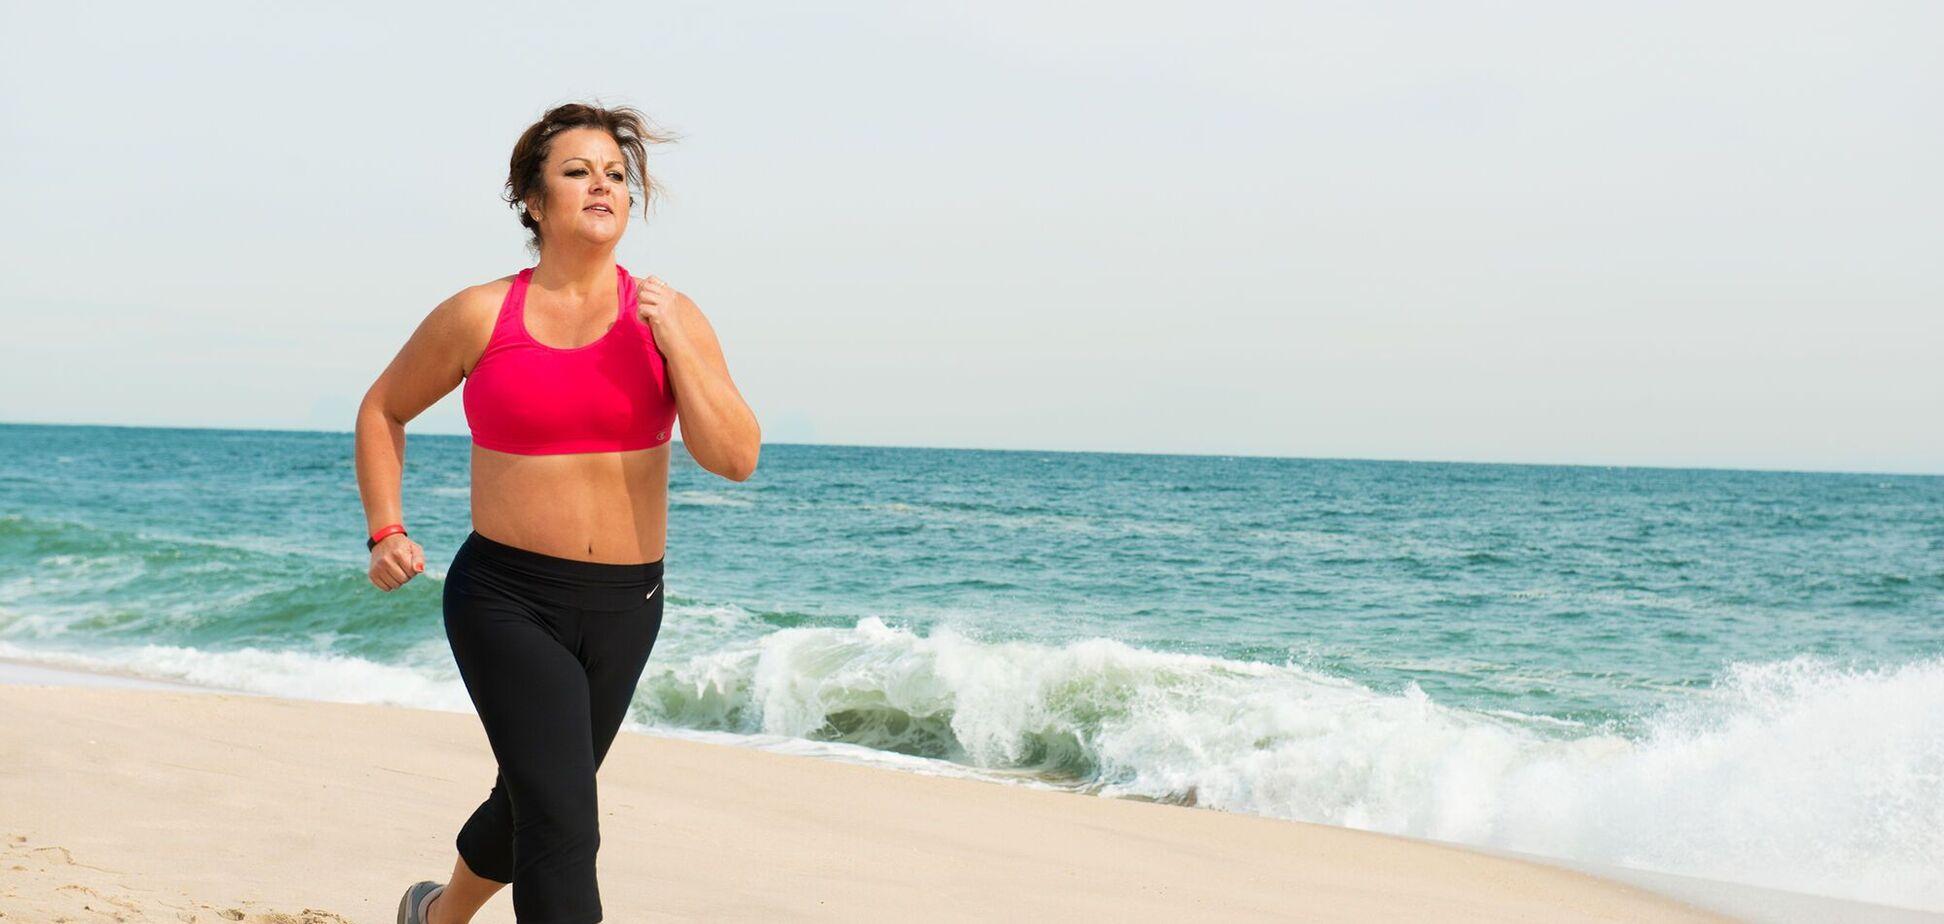 Що таке ожиріння і зайва вага: факти від експертів без 'рожевих окулярів'